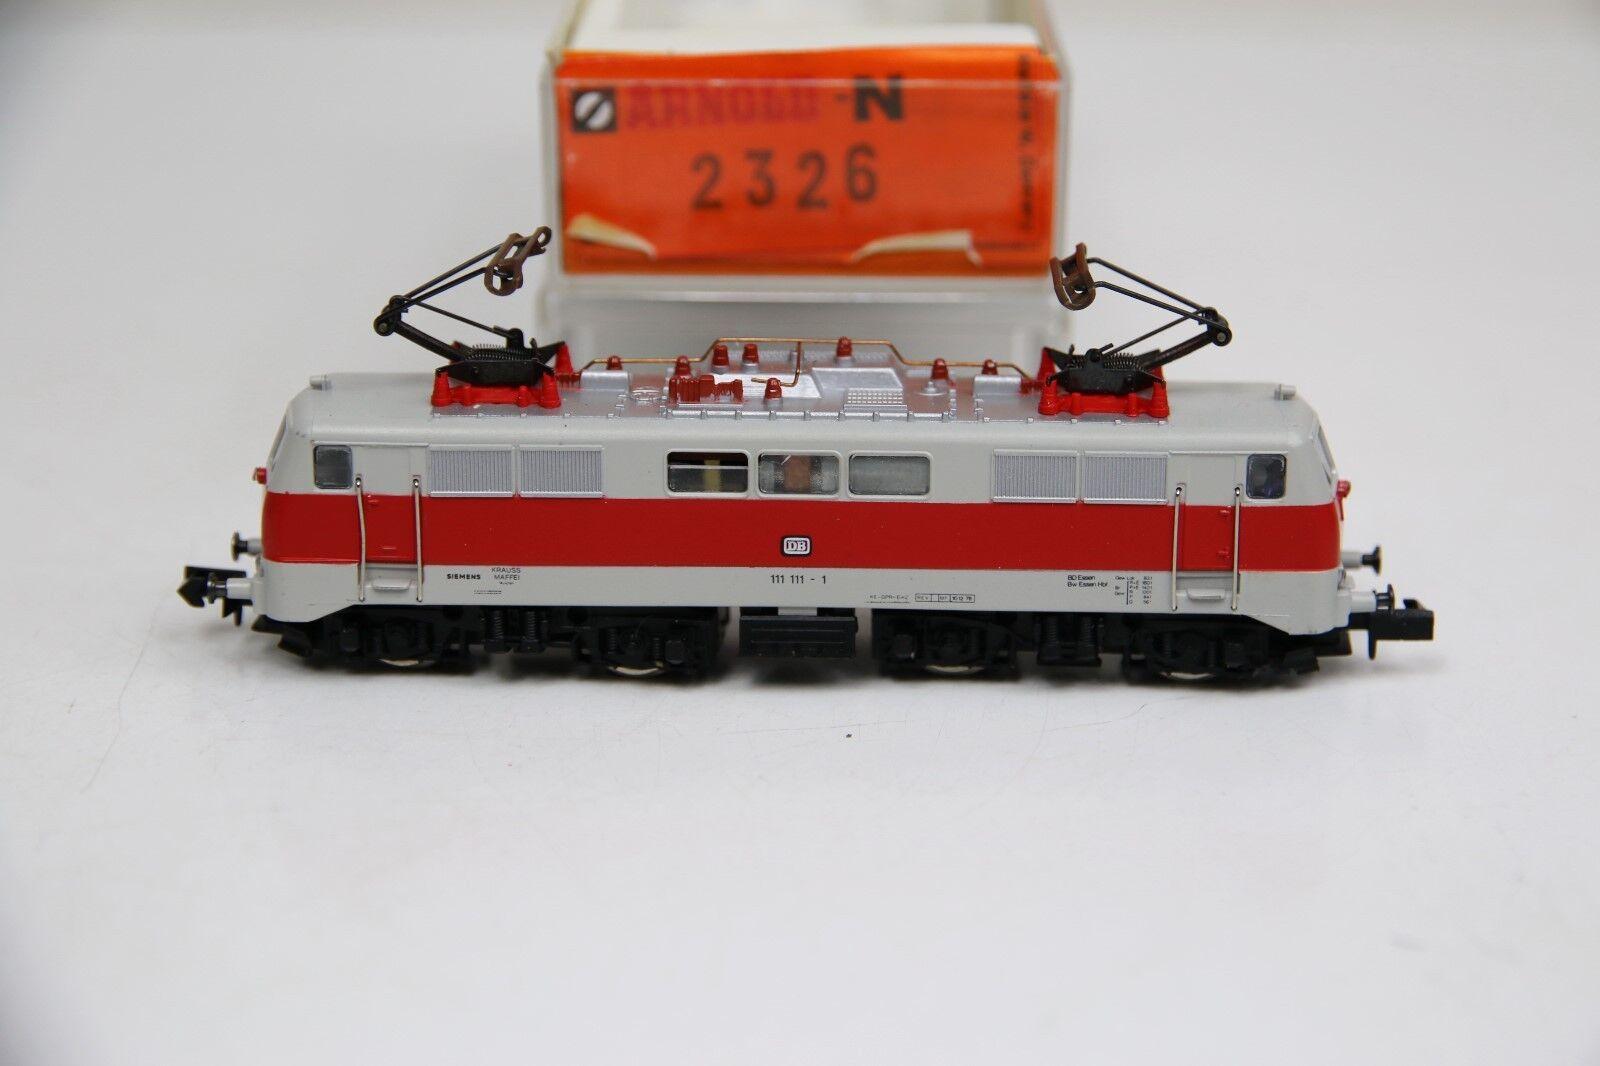 Arnold Spur N 2326 E-Lok BR 111 111-1 delle DB in OVP (rb9524)